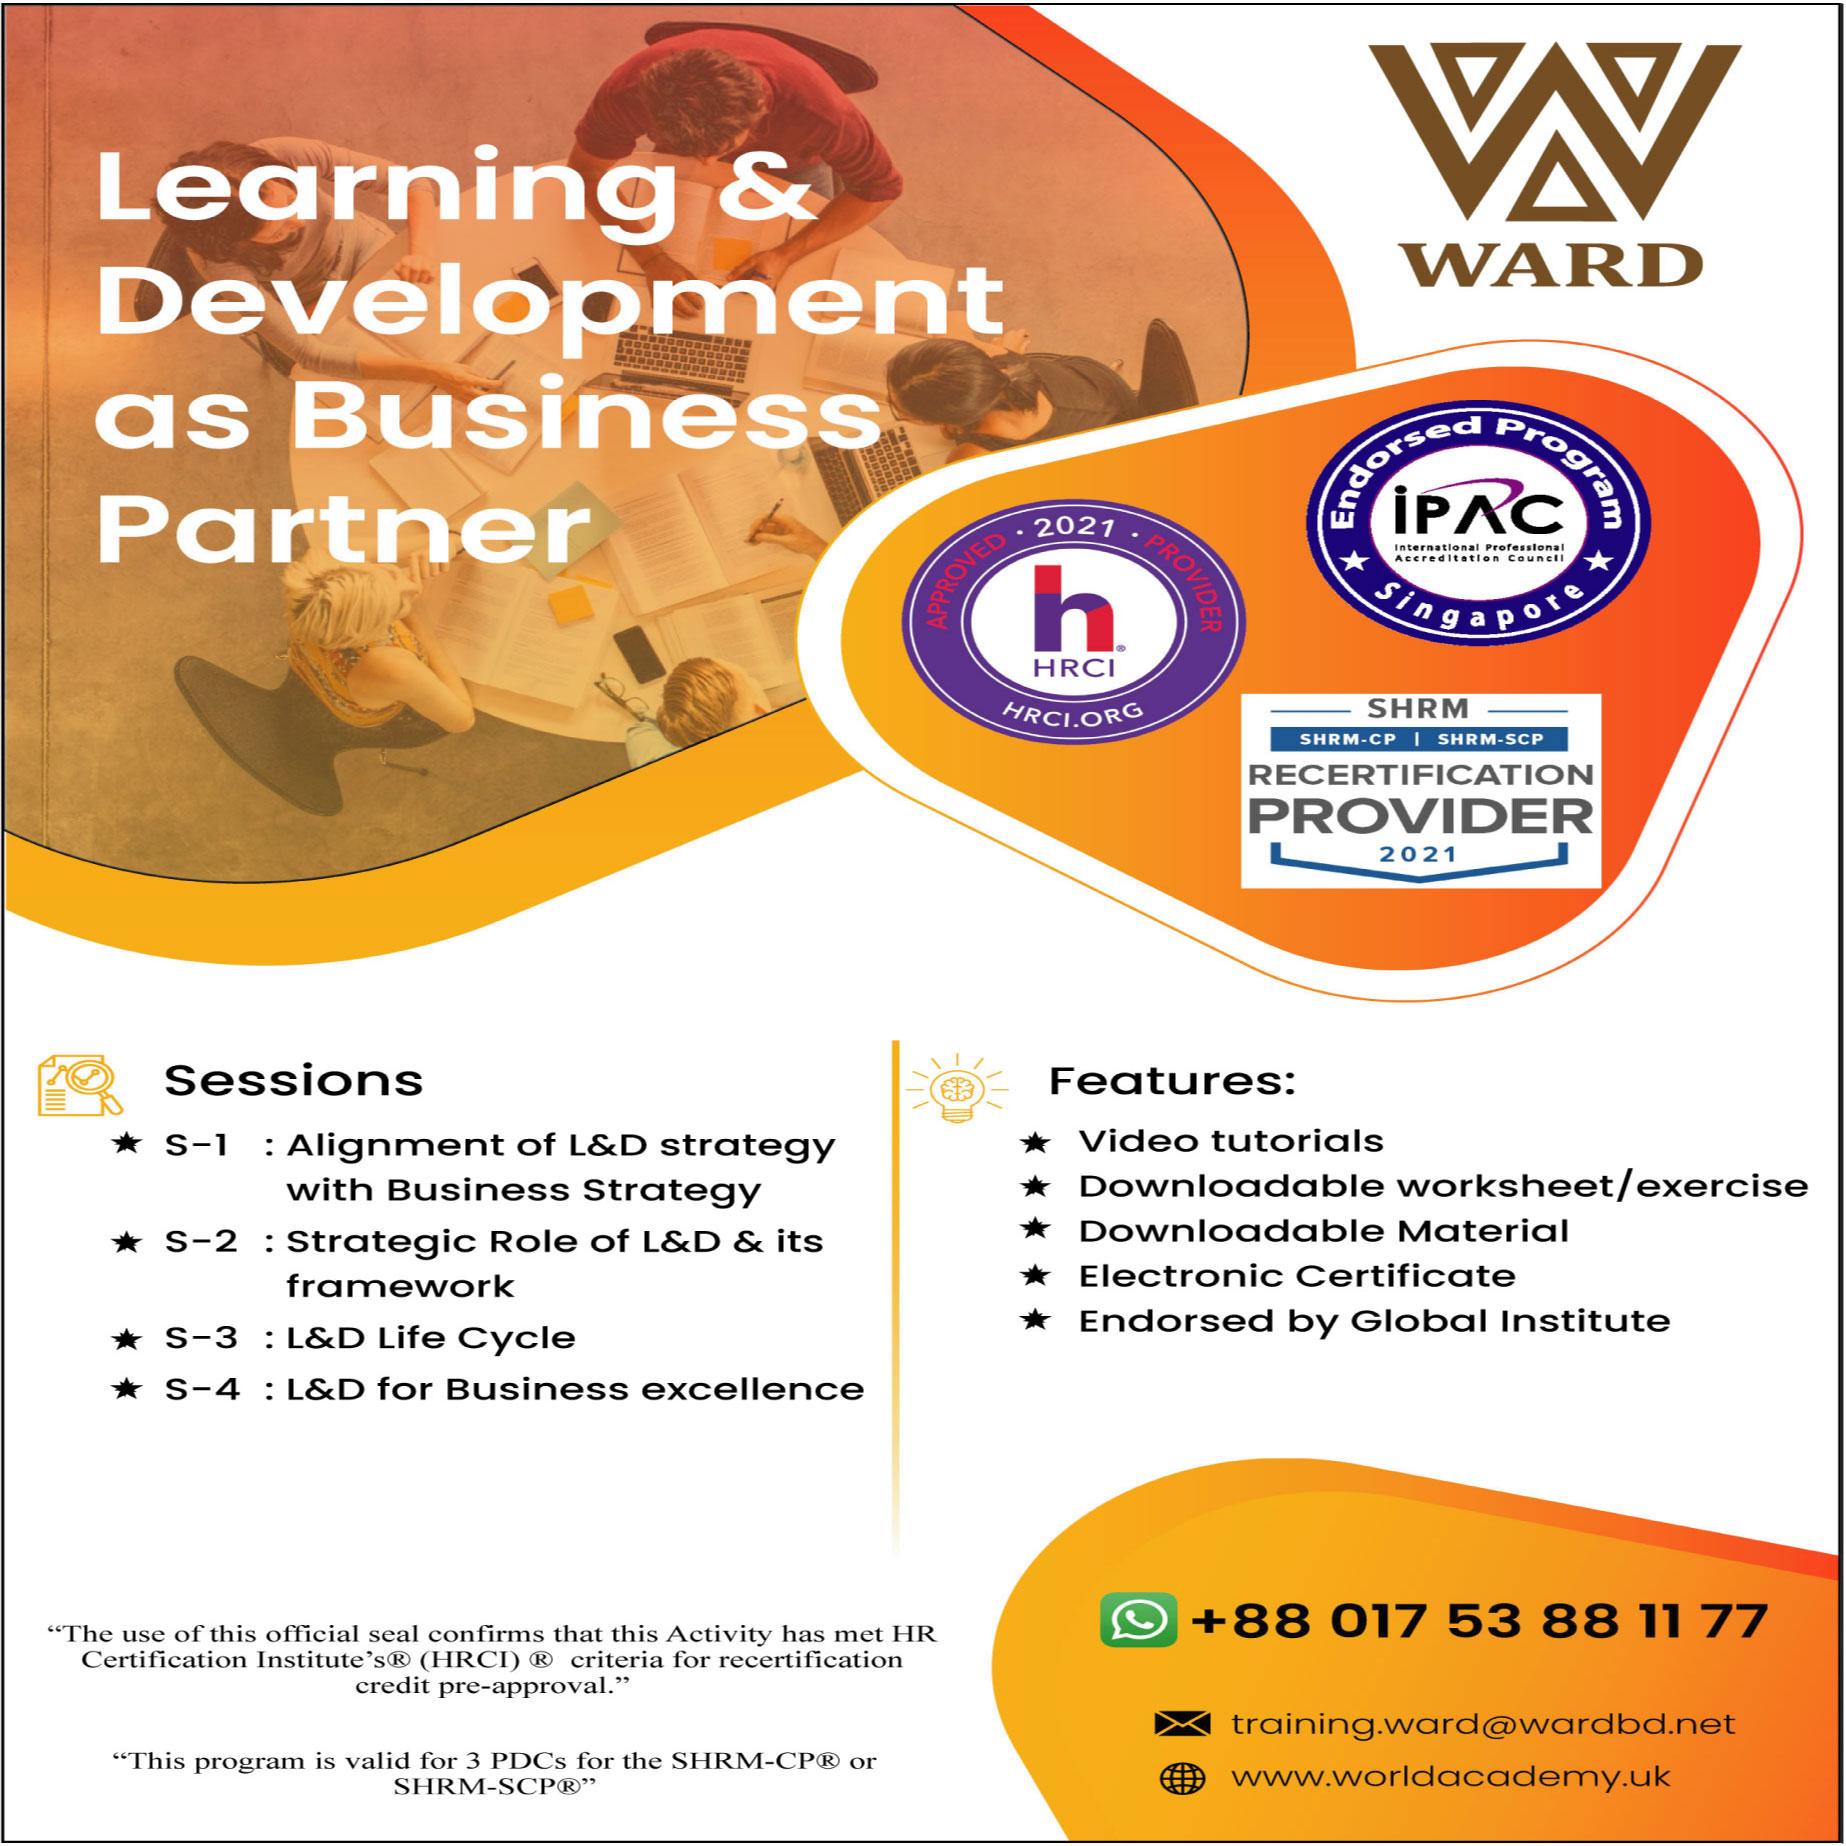 Learning & Development as Business Partner